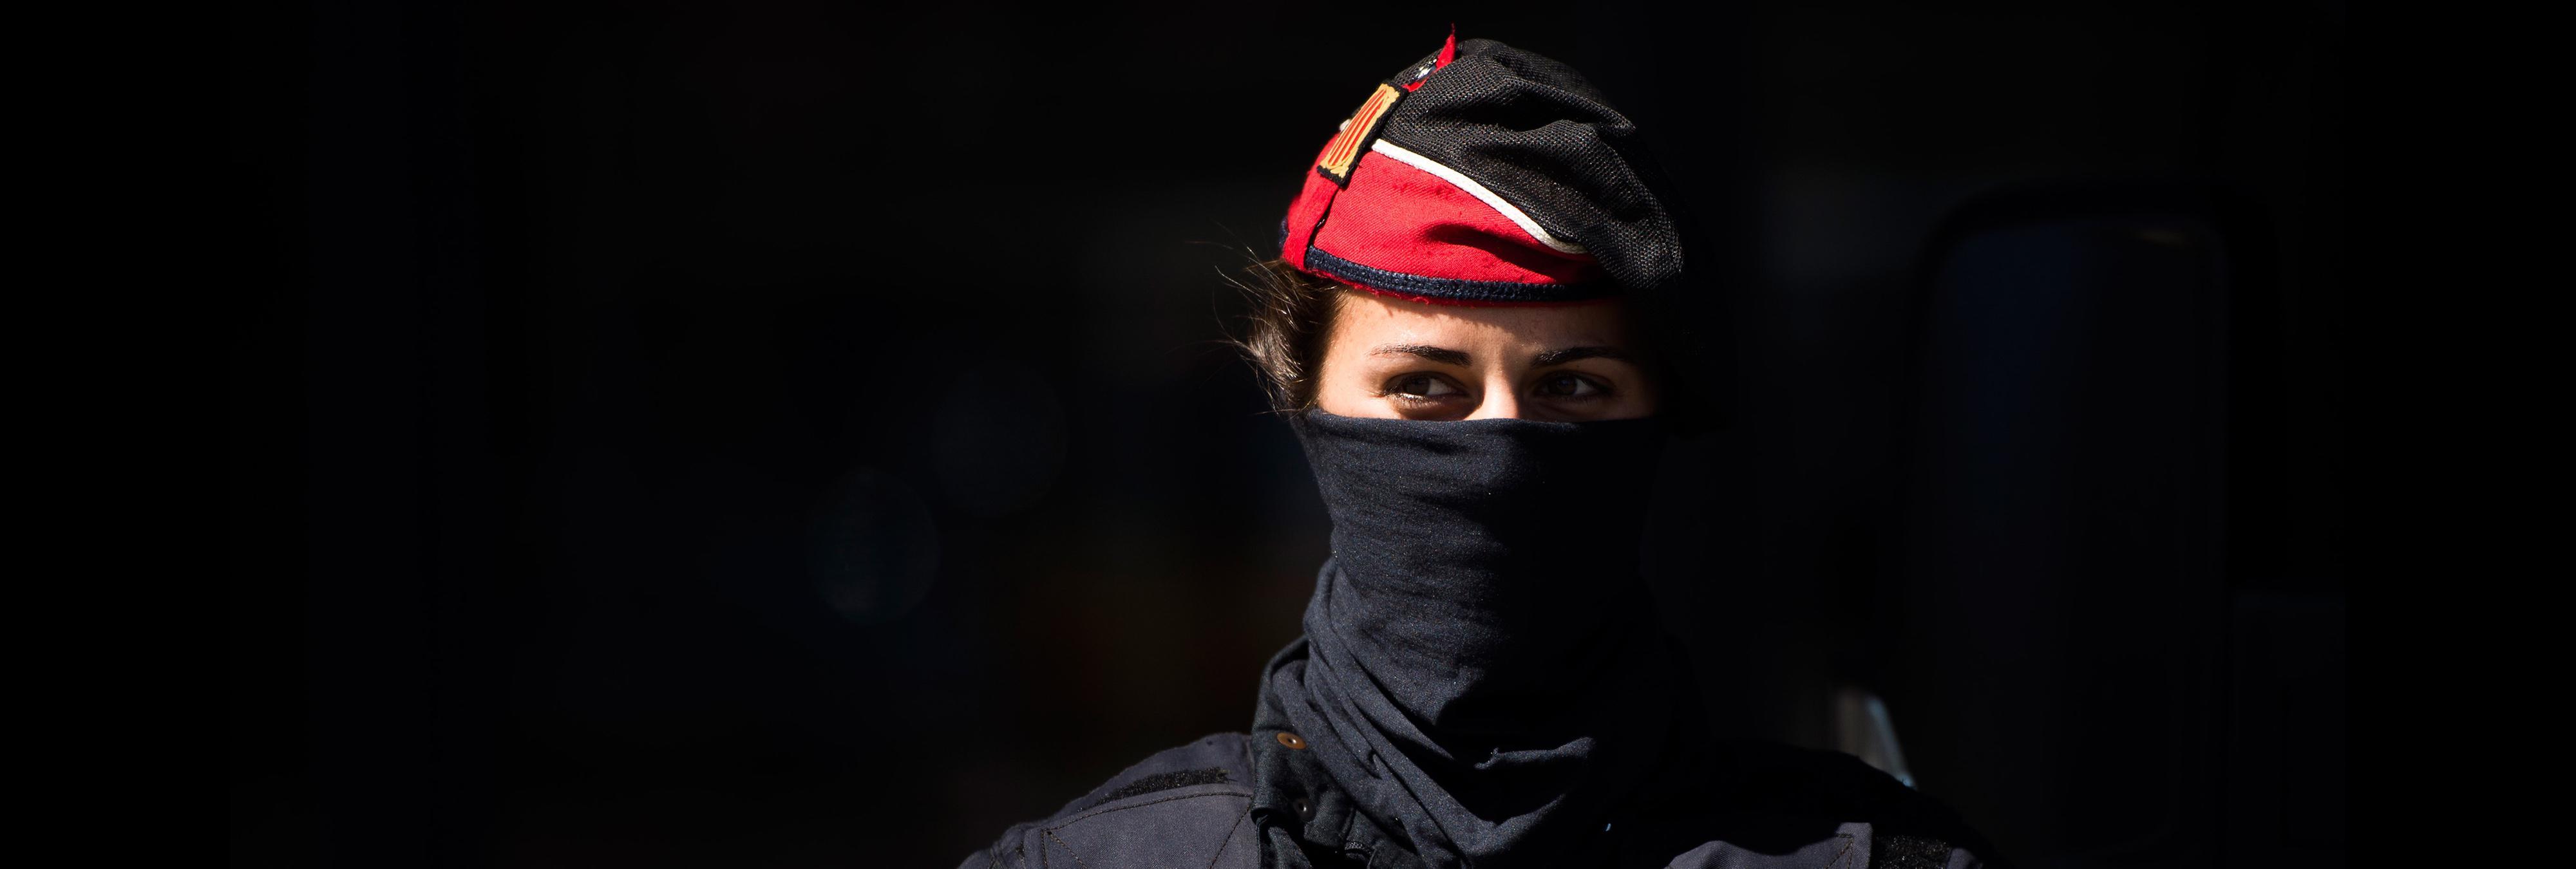 Insultar a Puigdemont si eres Mosso d'Esquadra puede salir caro